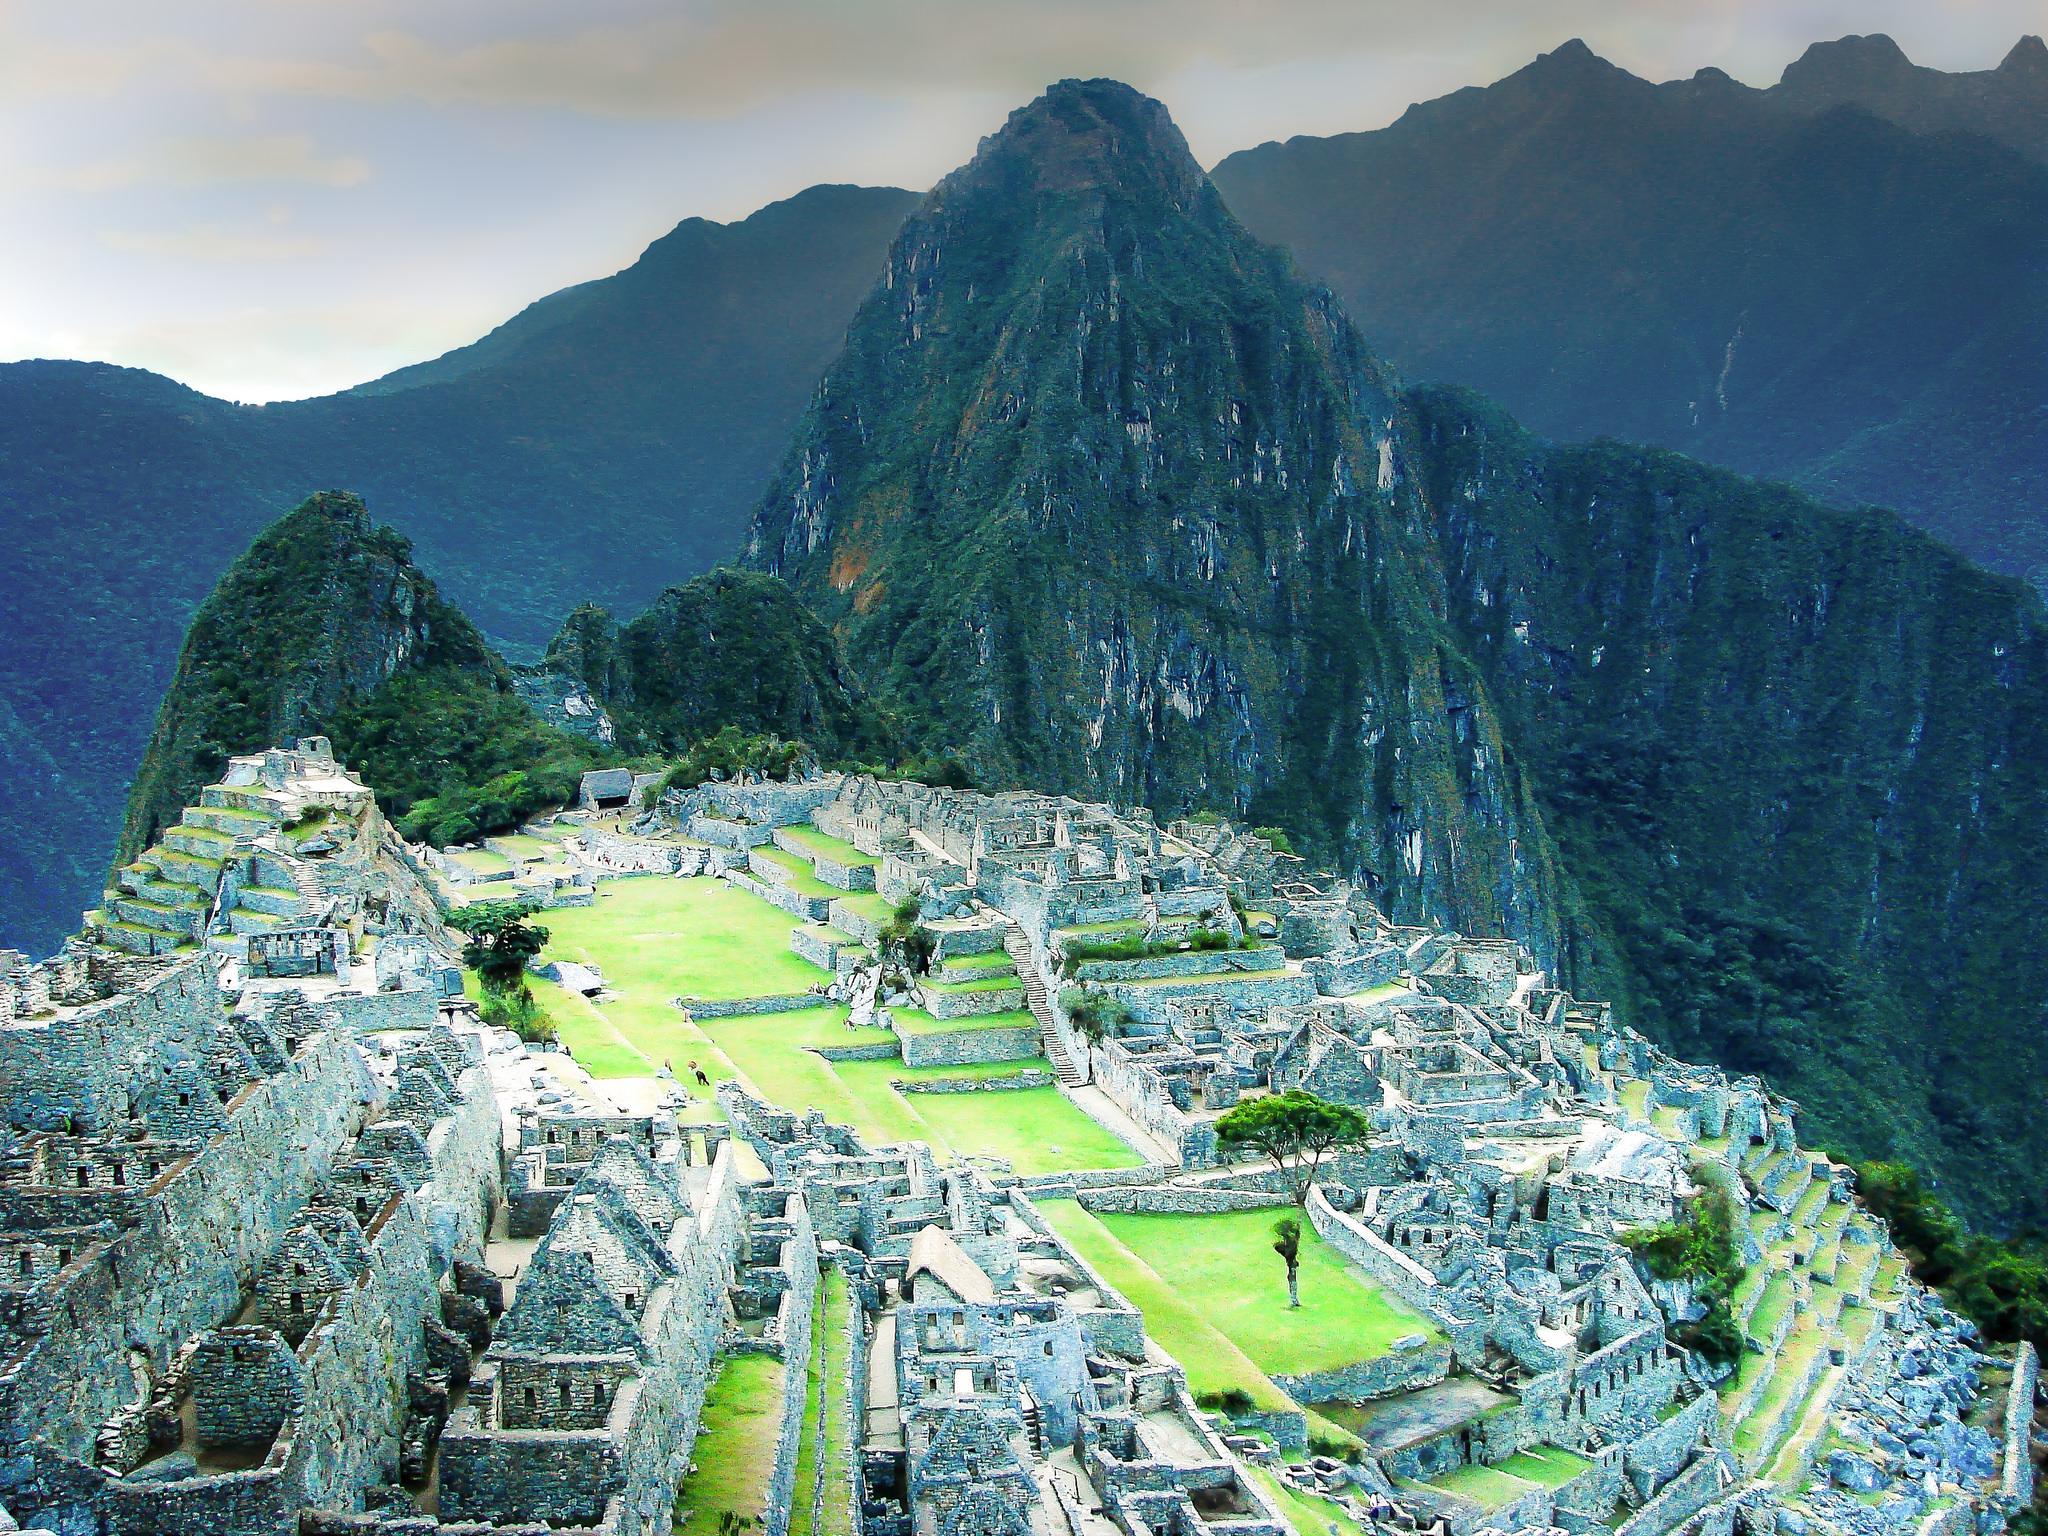 Lost City - Machu Picchu (Peru)